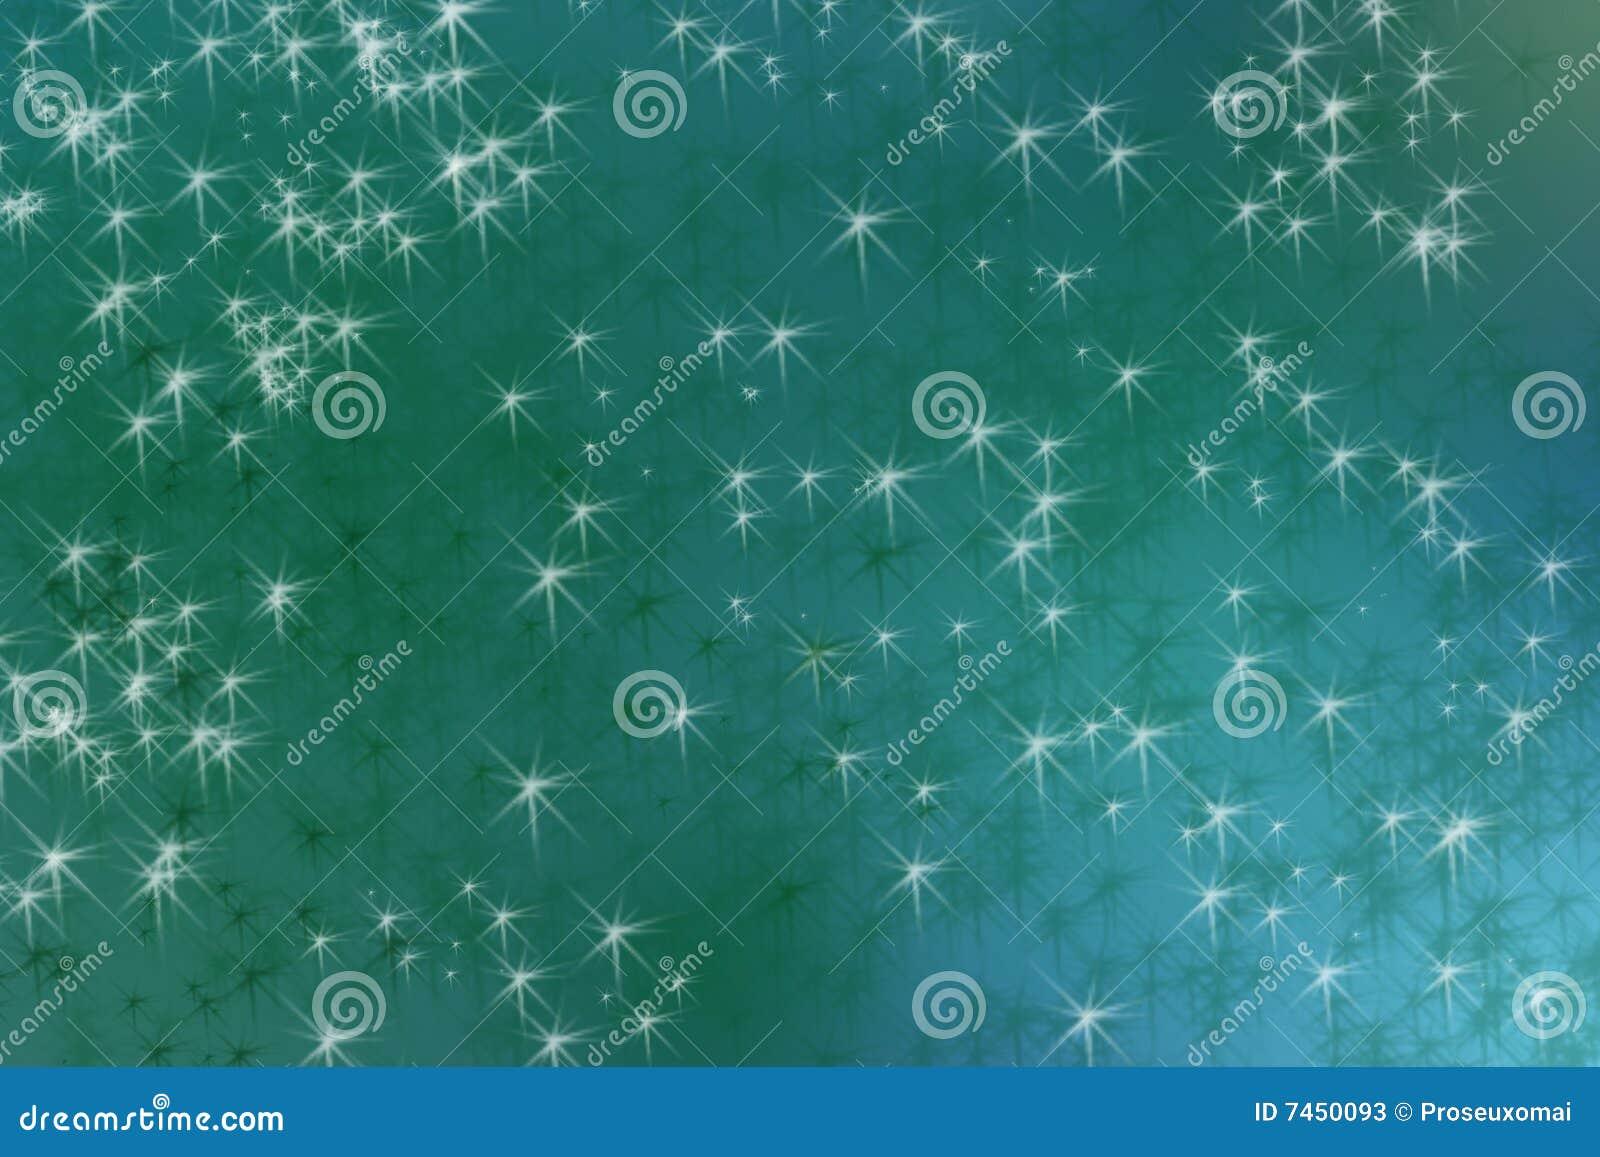 Fondo verde de la estrella